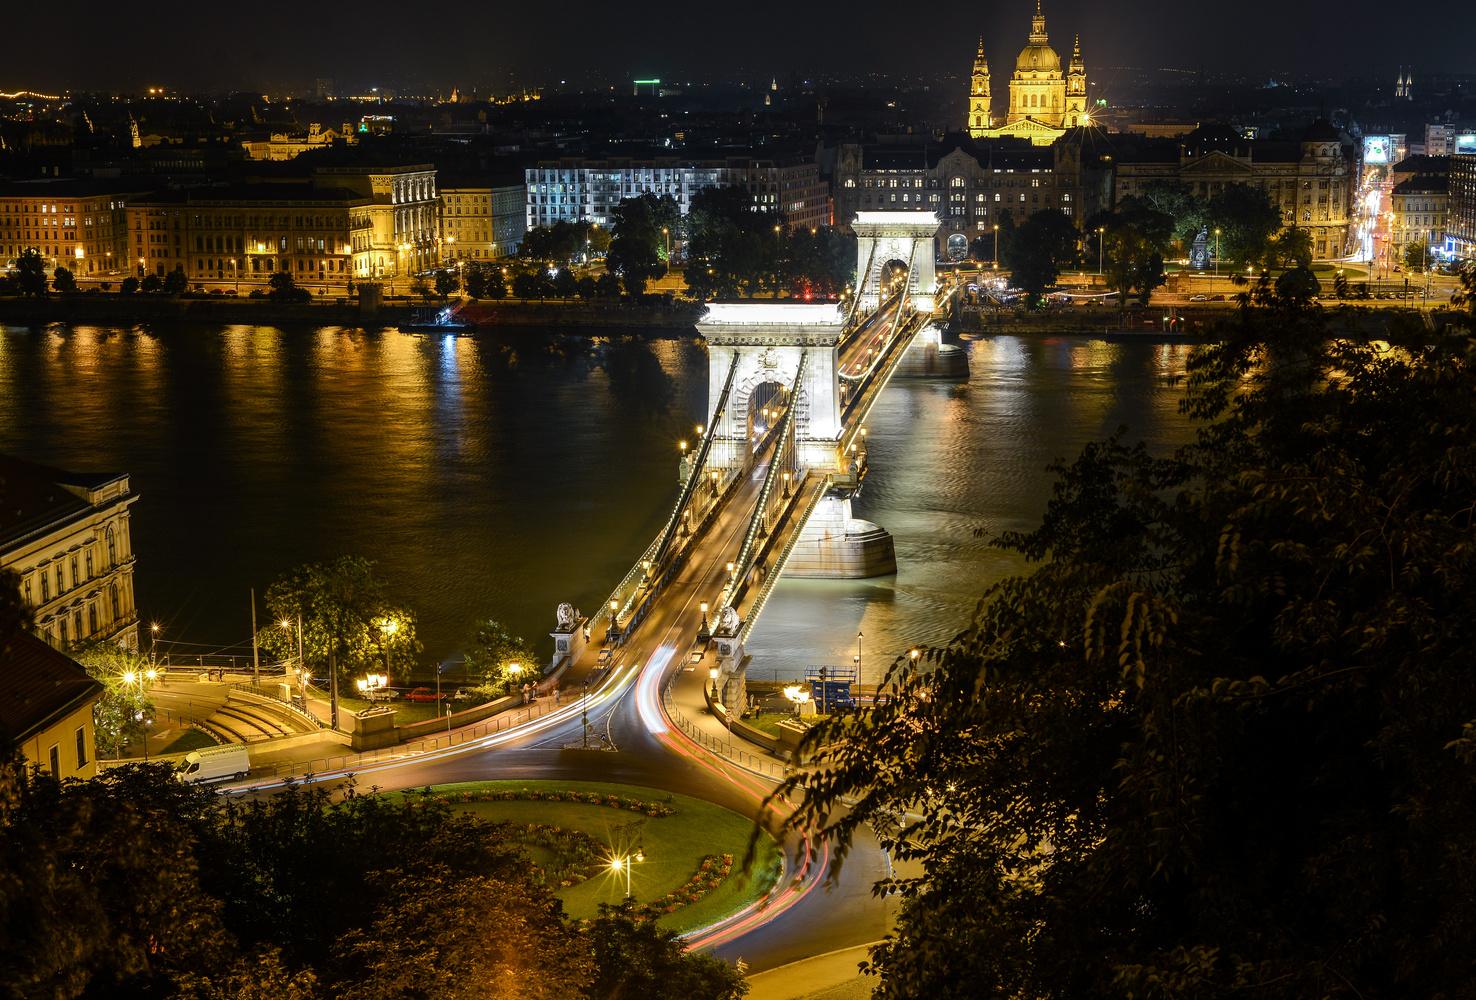 Roundabout Budapest by Alec Kostovny